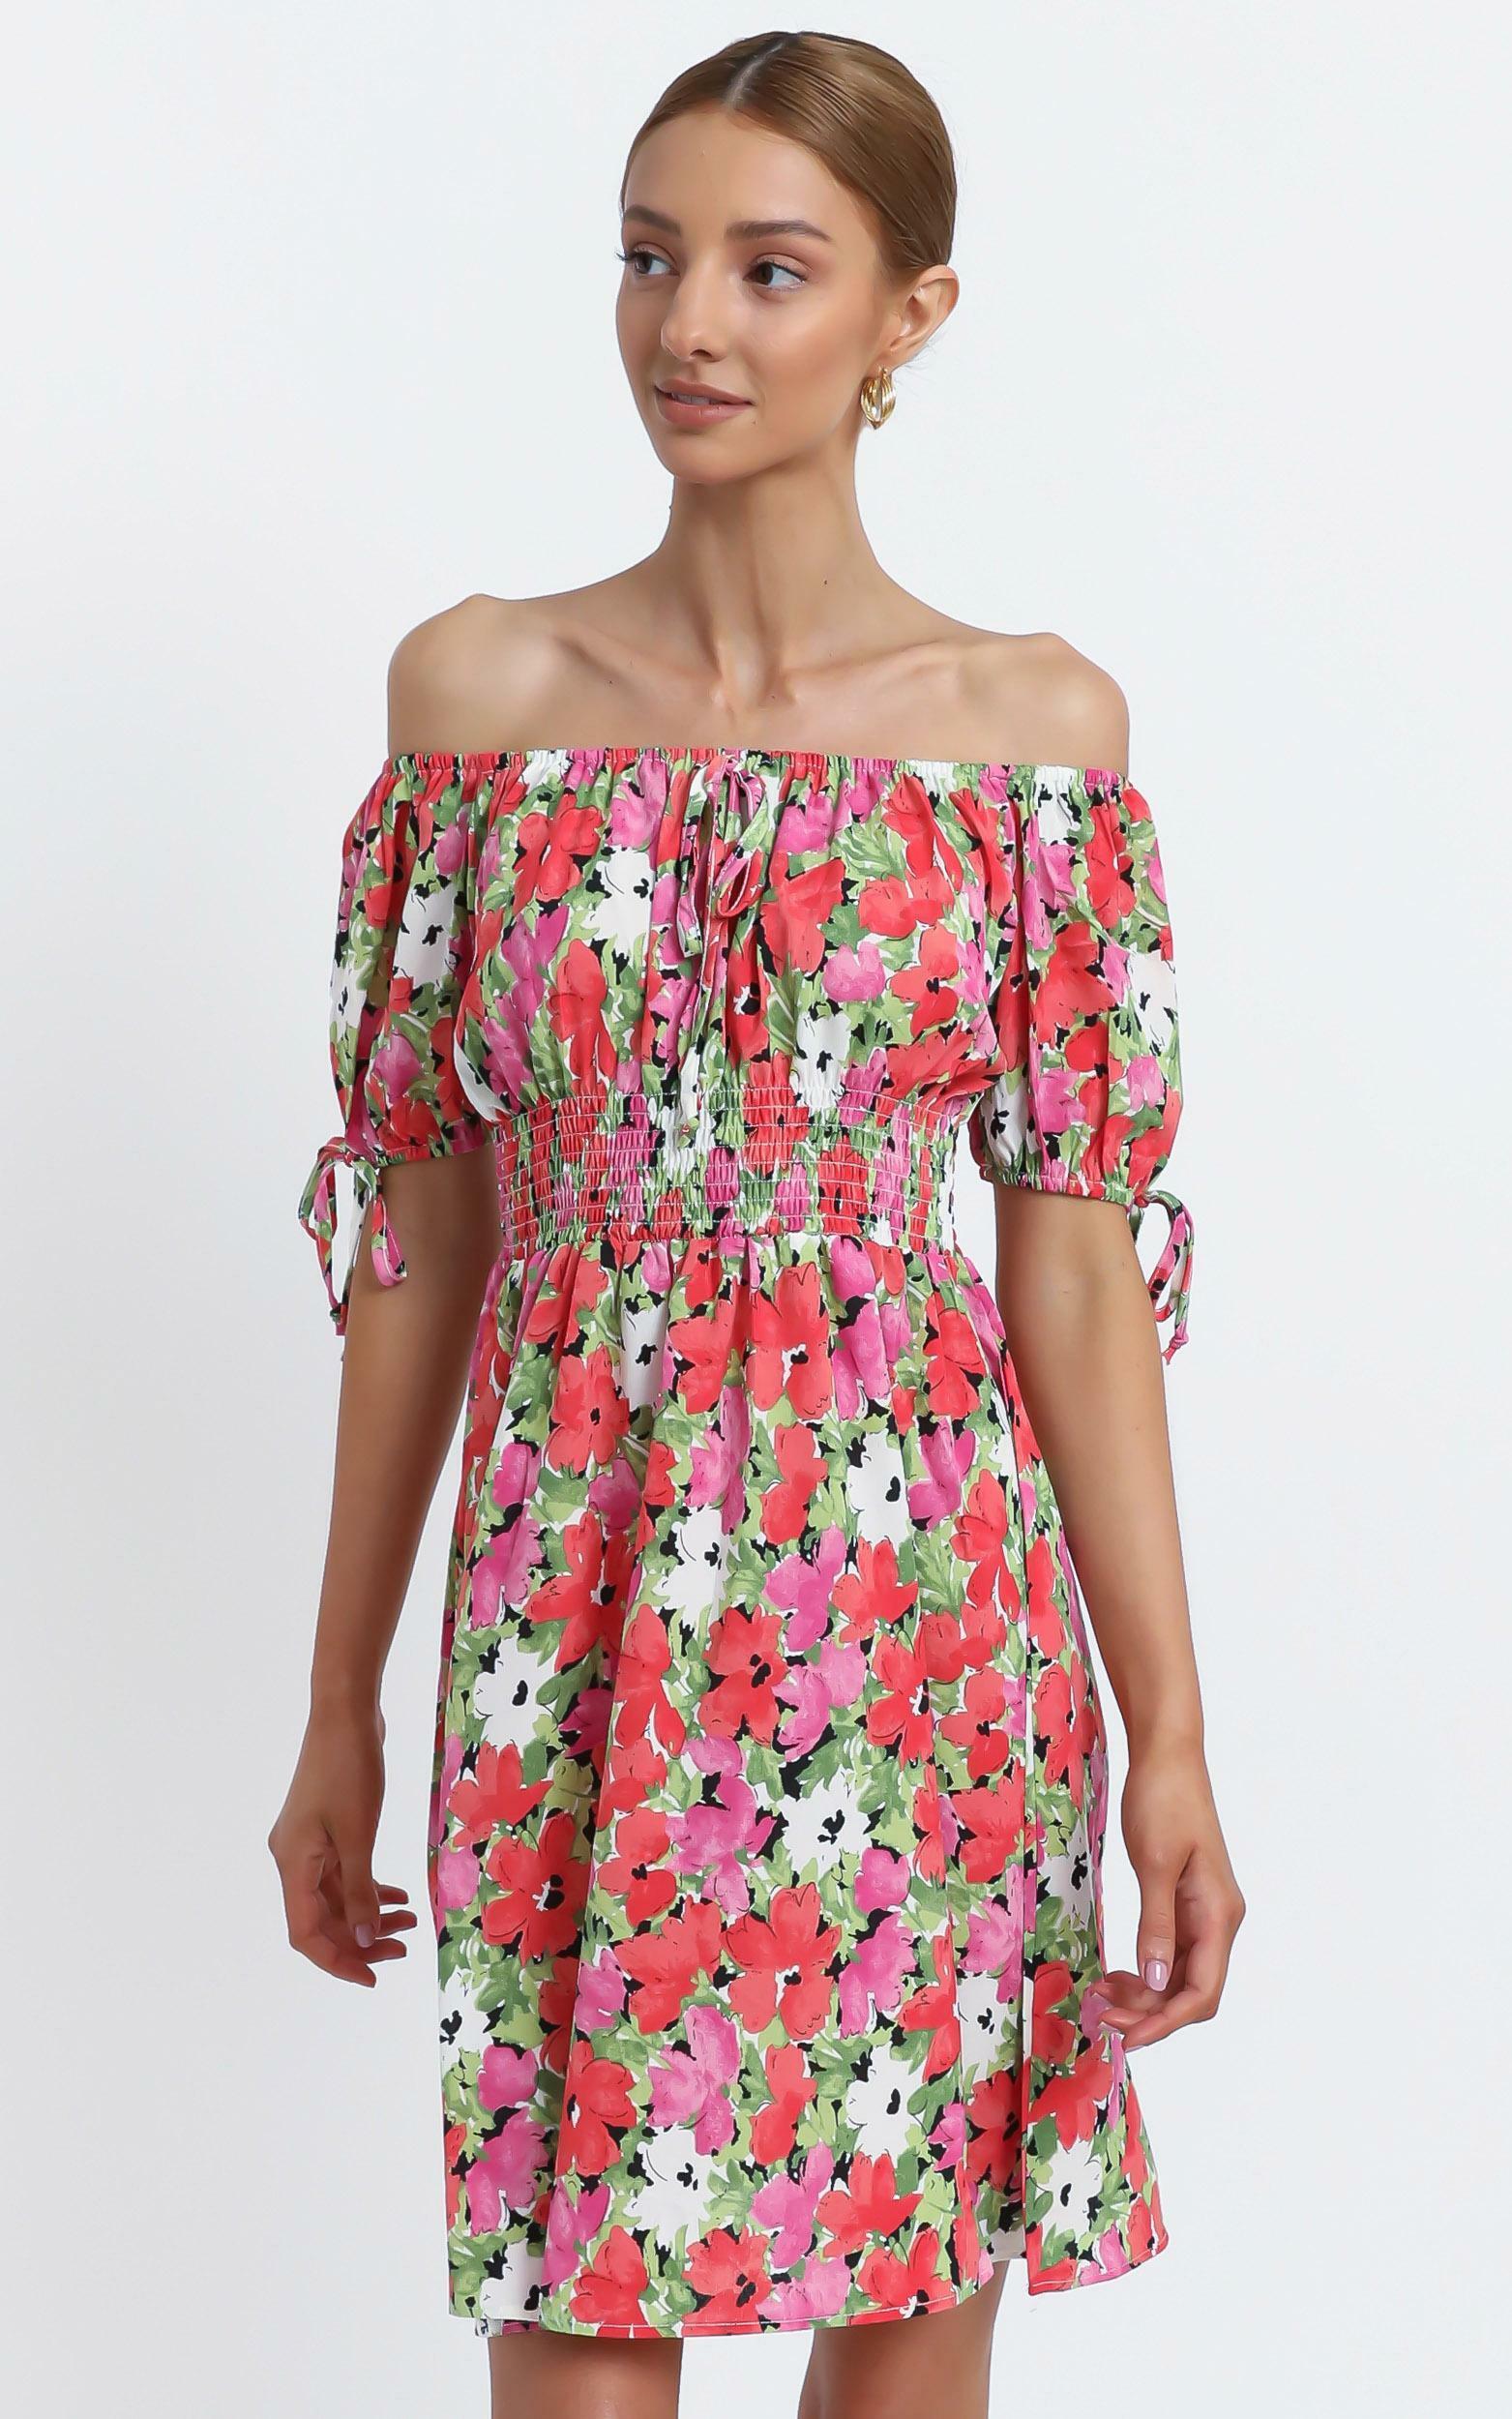 Octavia Dress in Pink Floral - 12 (L), Pink, hi-res image number null